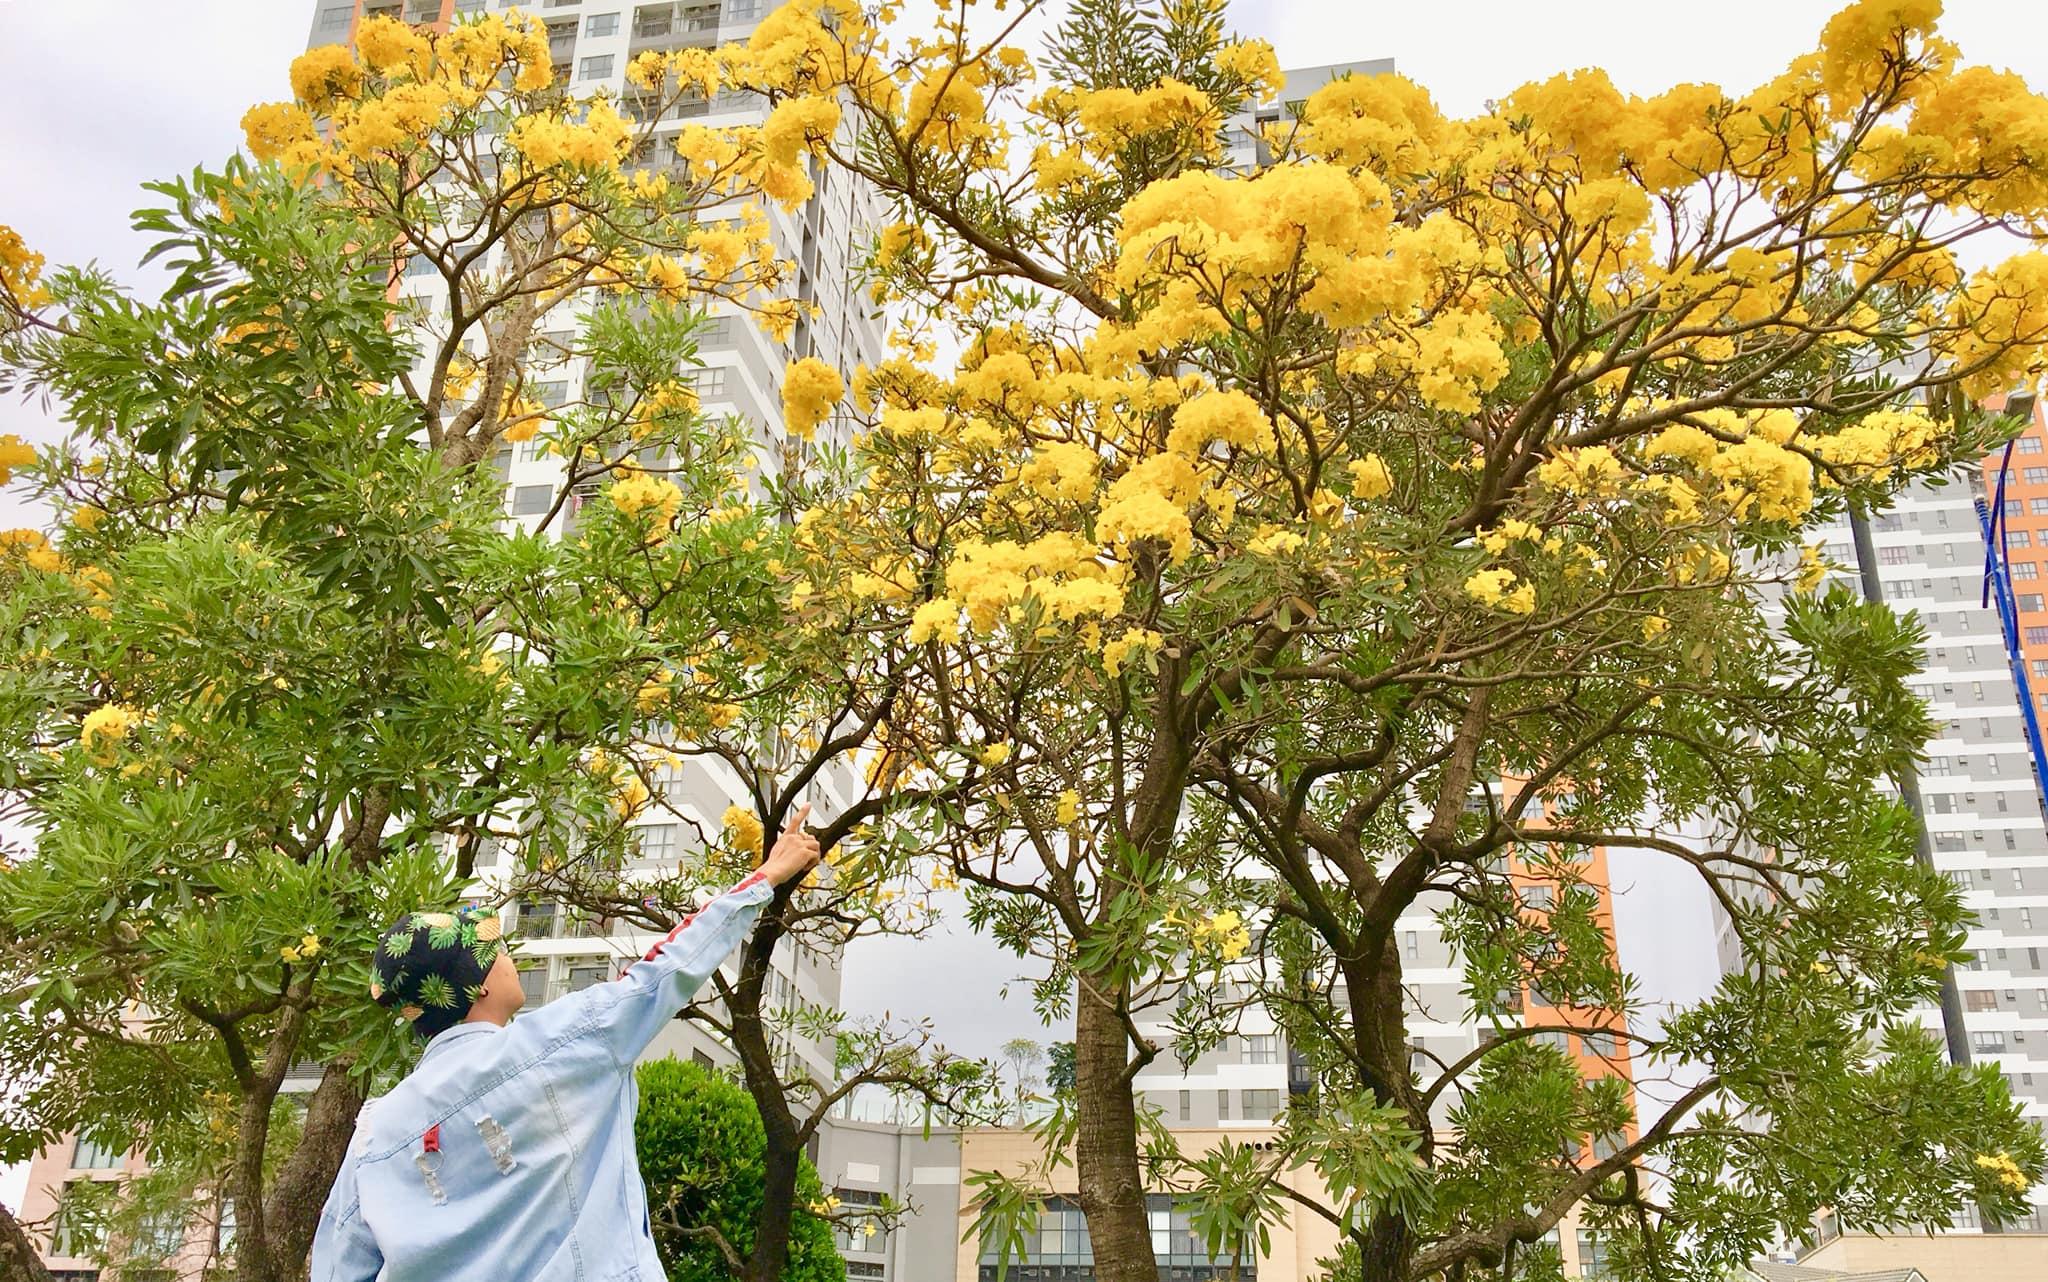 Hình ảnh cây xanh trổ hoa cực đẹp